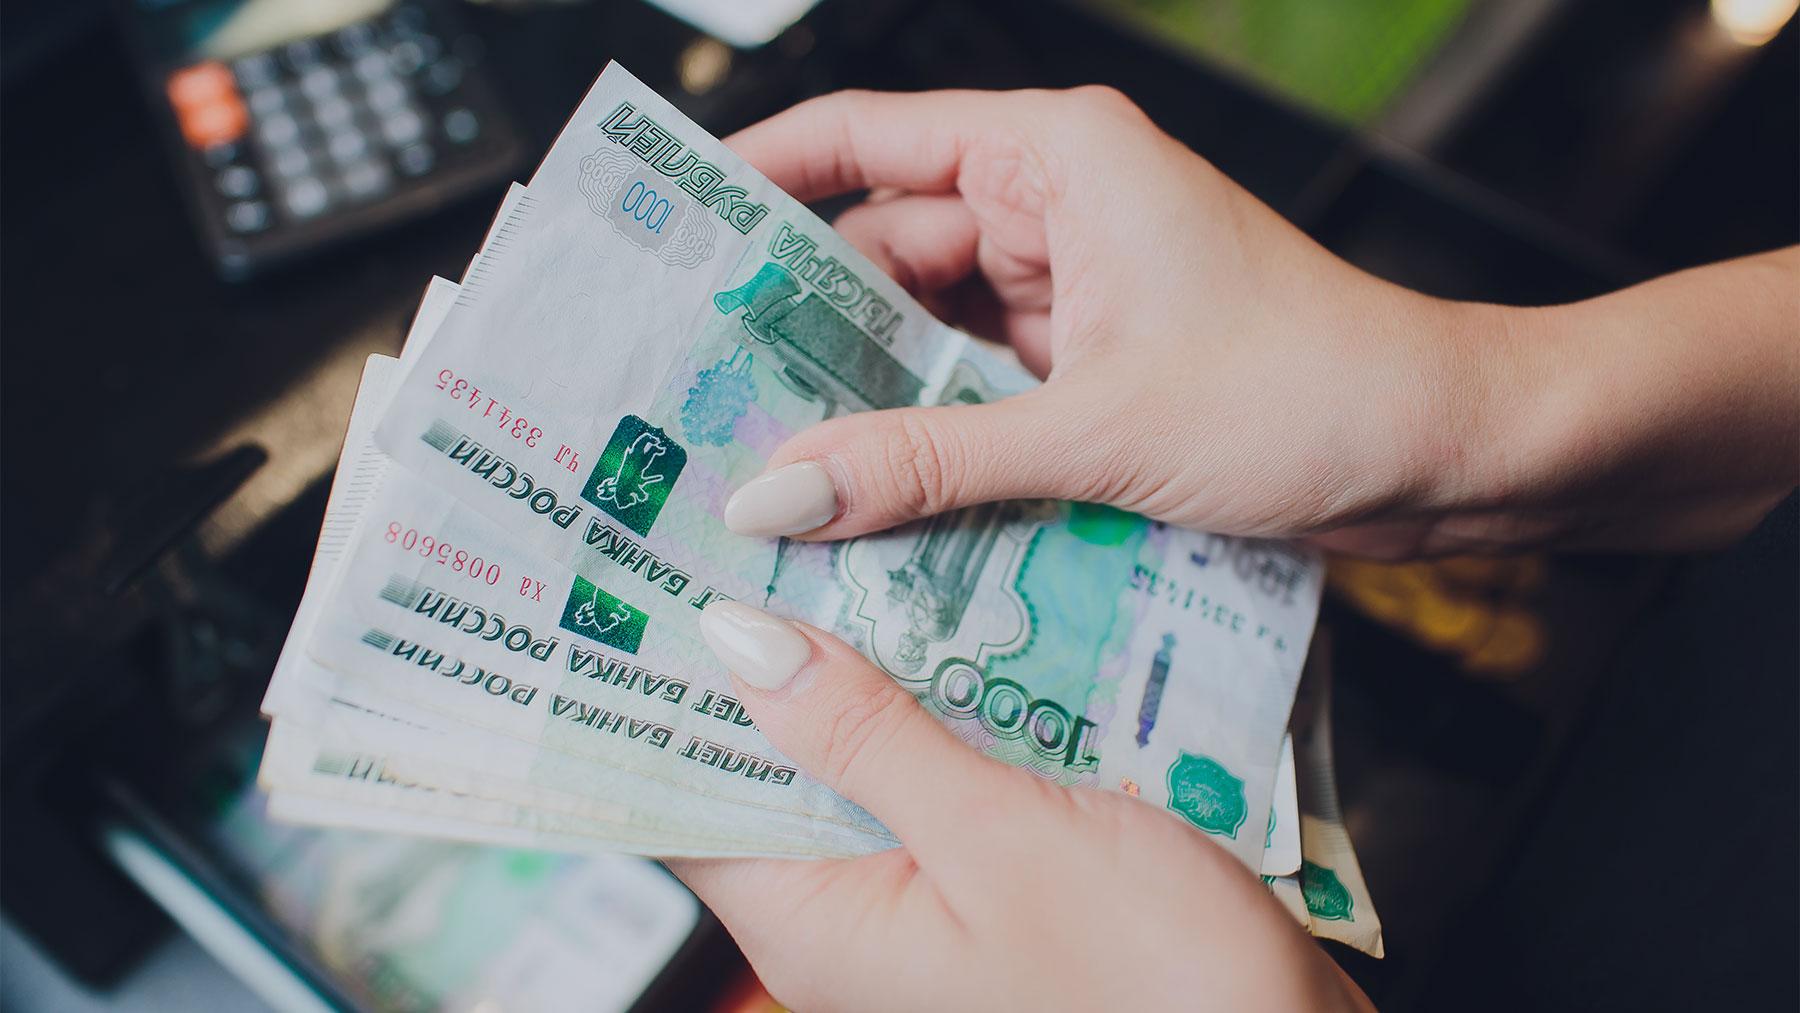 С 1 февраля повысят социальные выплаты. Кто станет получать больше